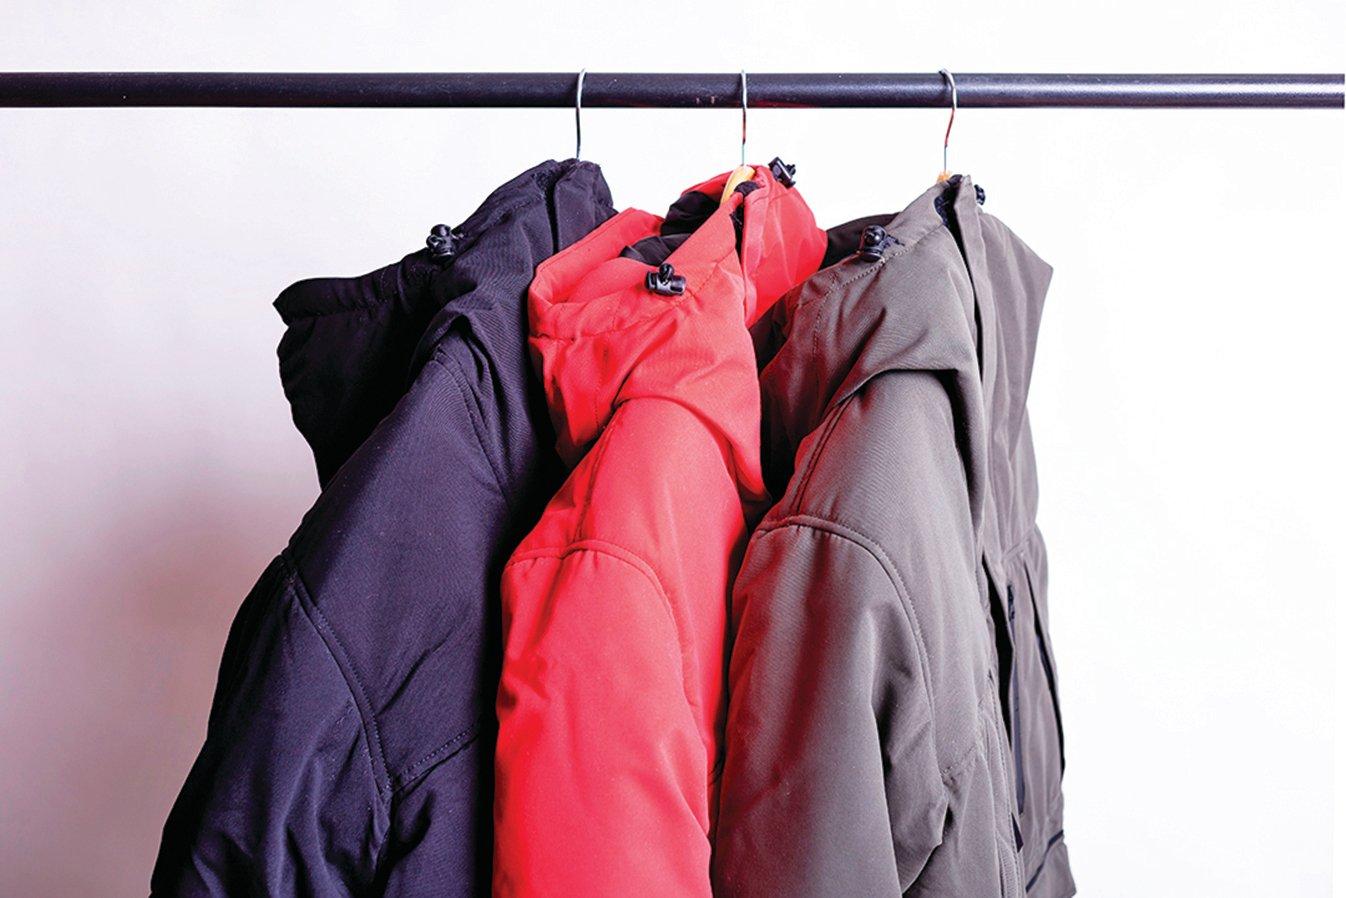 將大衣掛起來,保持蓬鬆。